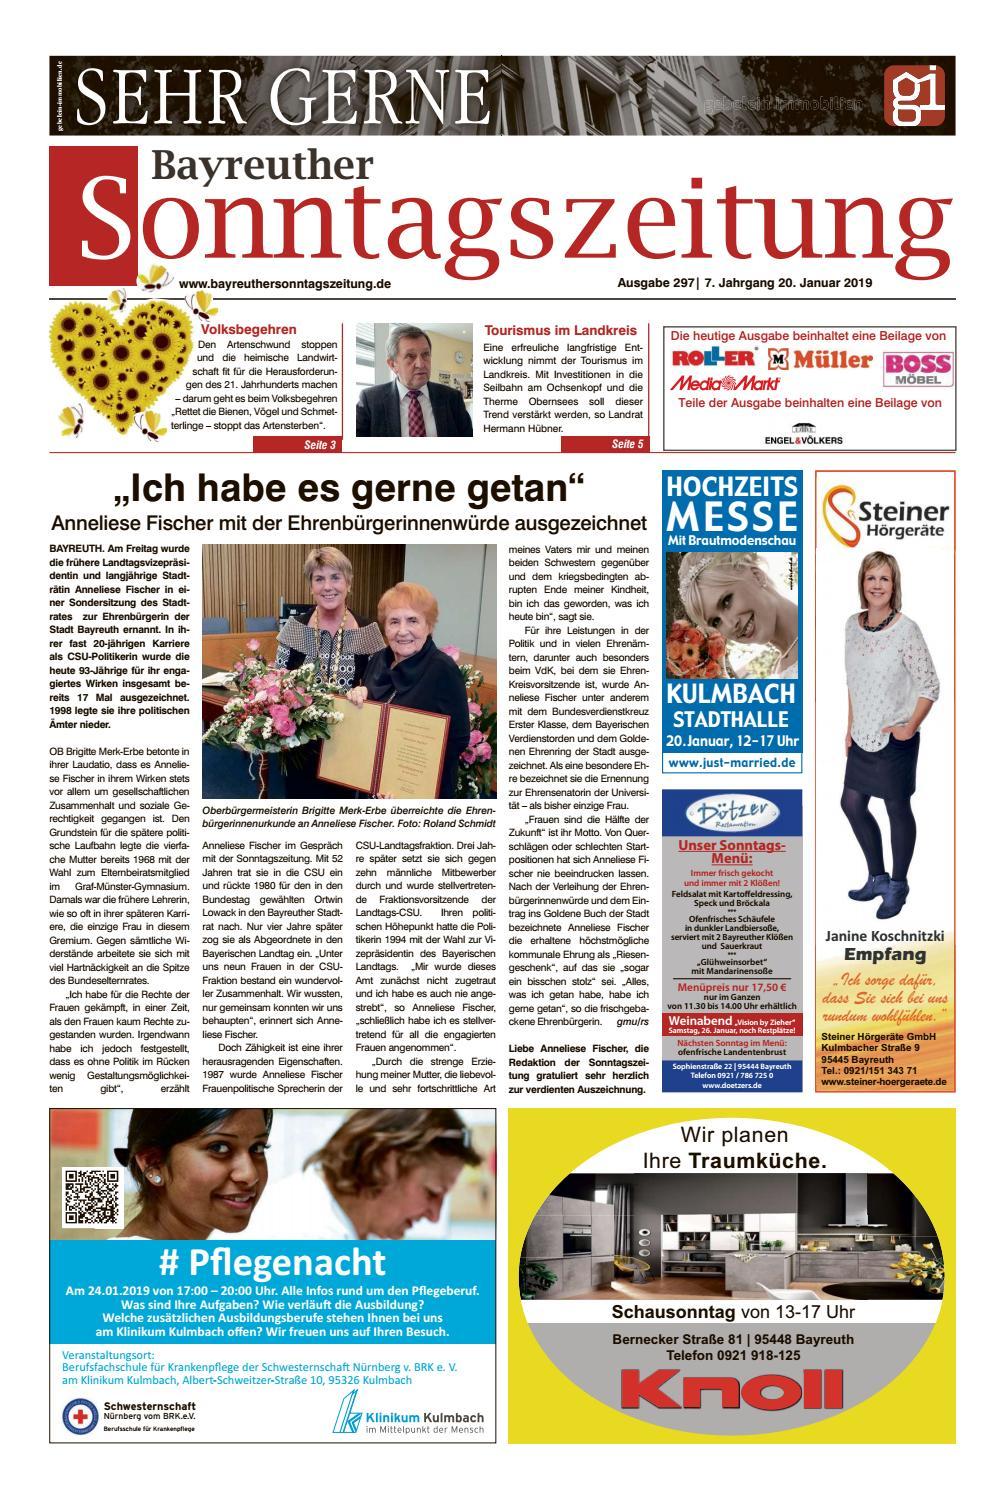 2018-01-20 Bayreuther Sonntagszeitung By Bayreuther verwandt mit Roller Bayreuth Öffnungszeiten